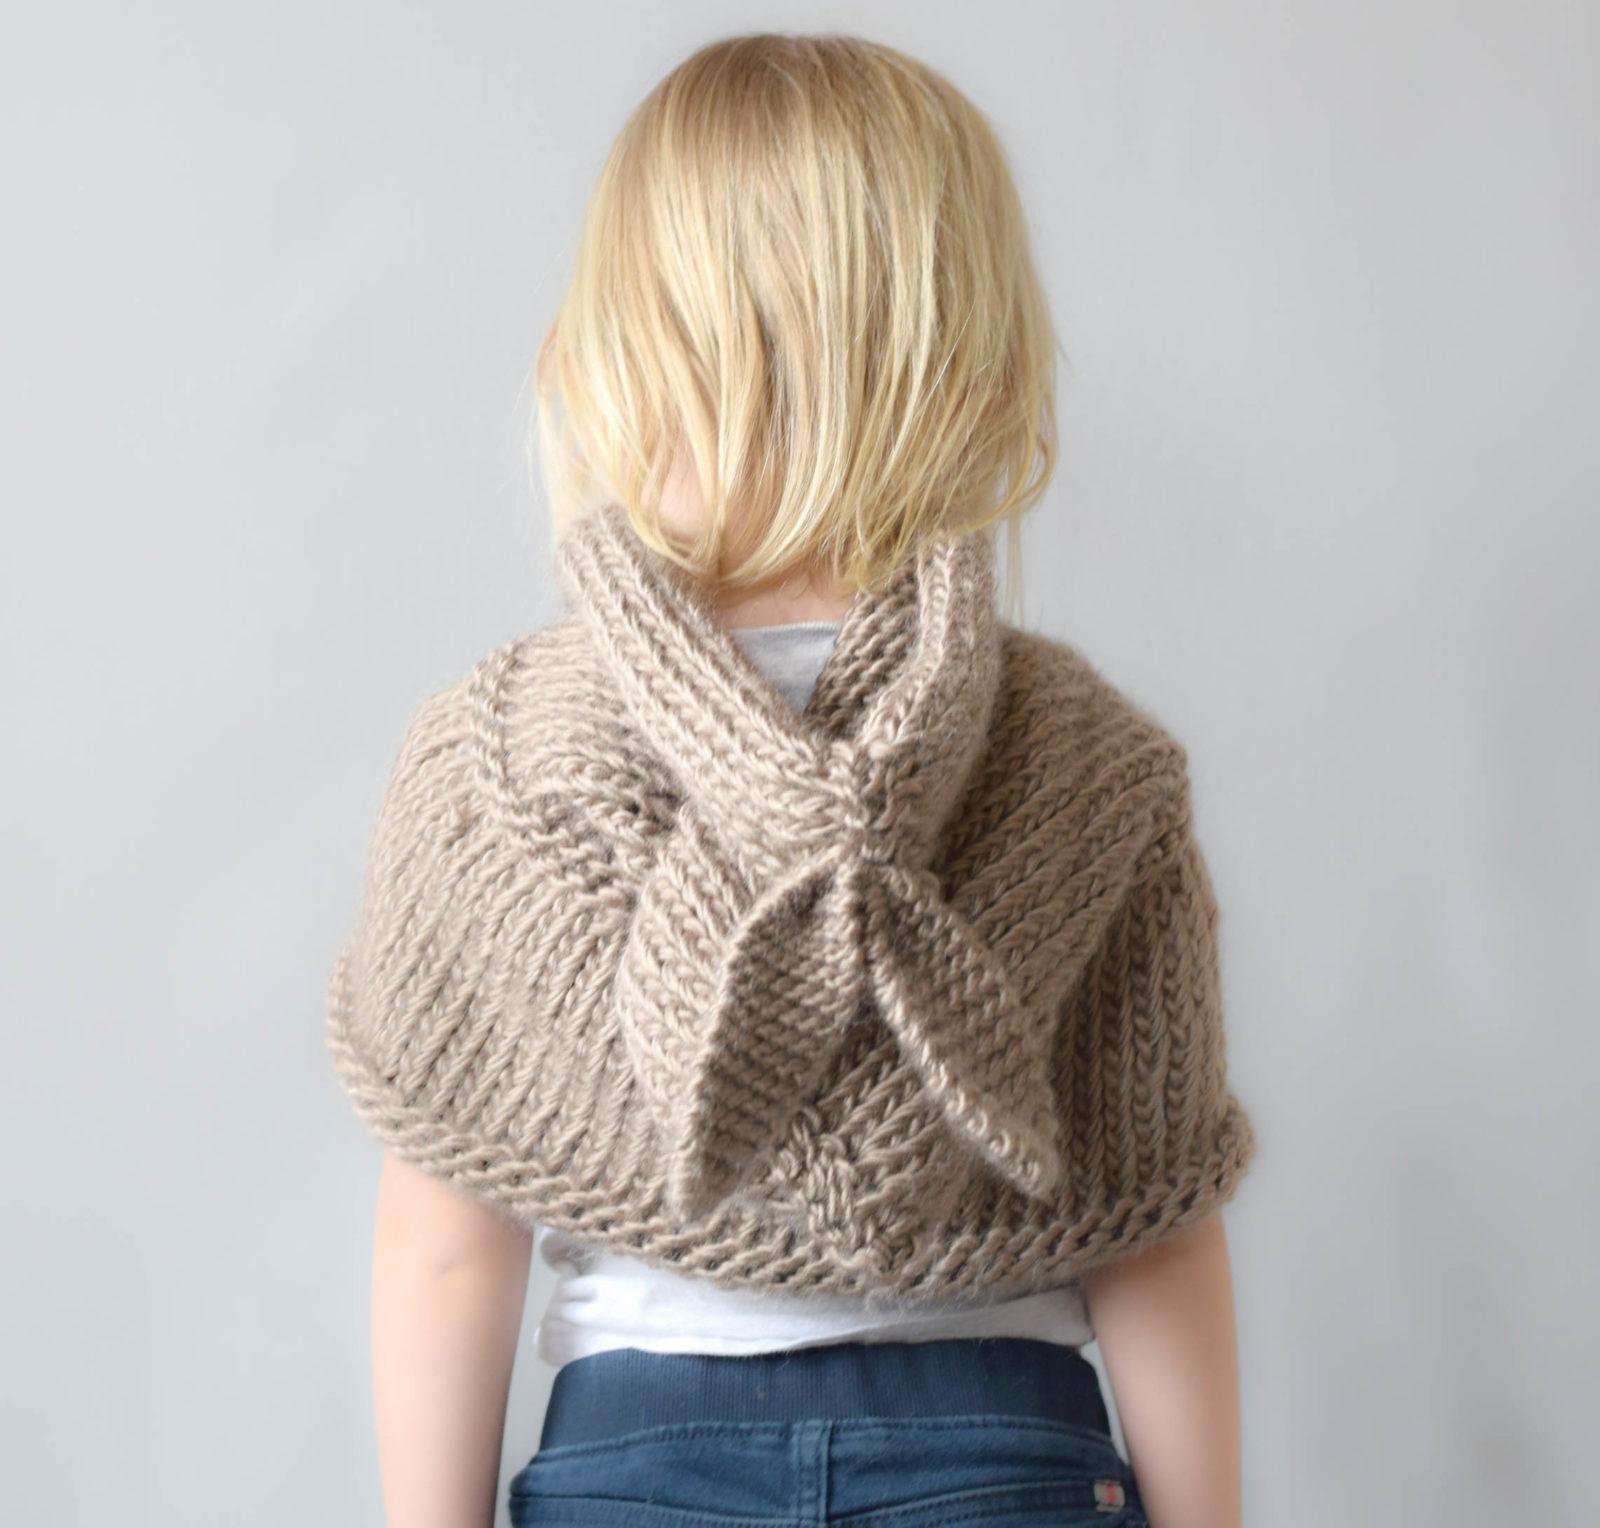 Free Knitting Pattern - Bunny Hood Shawl